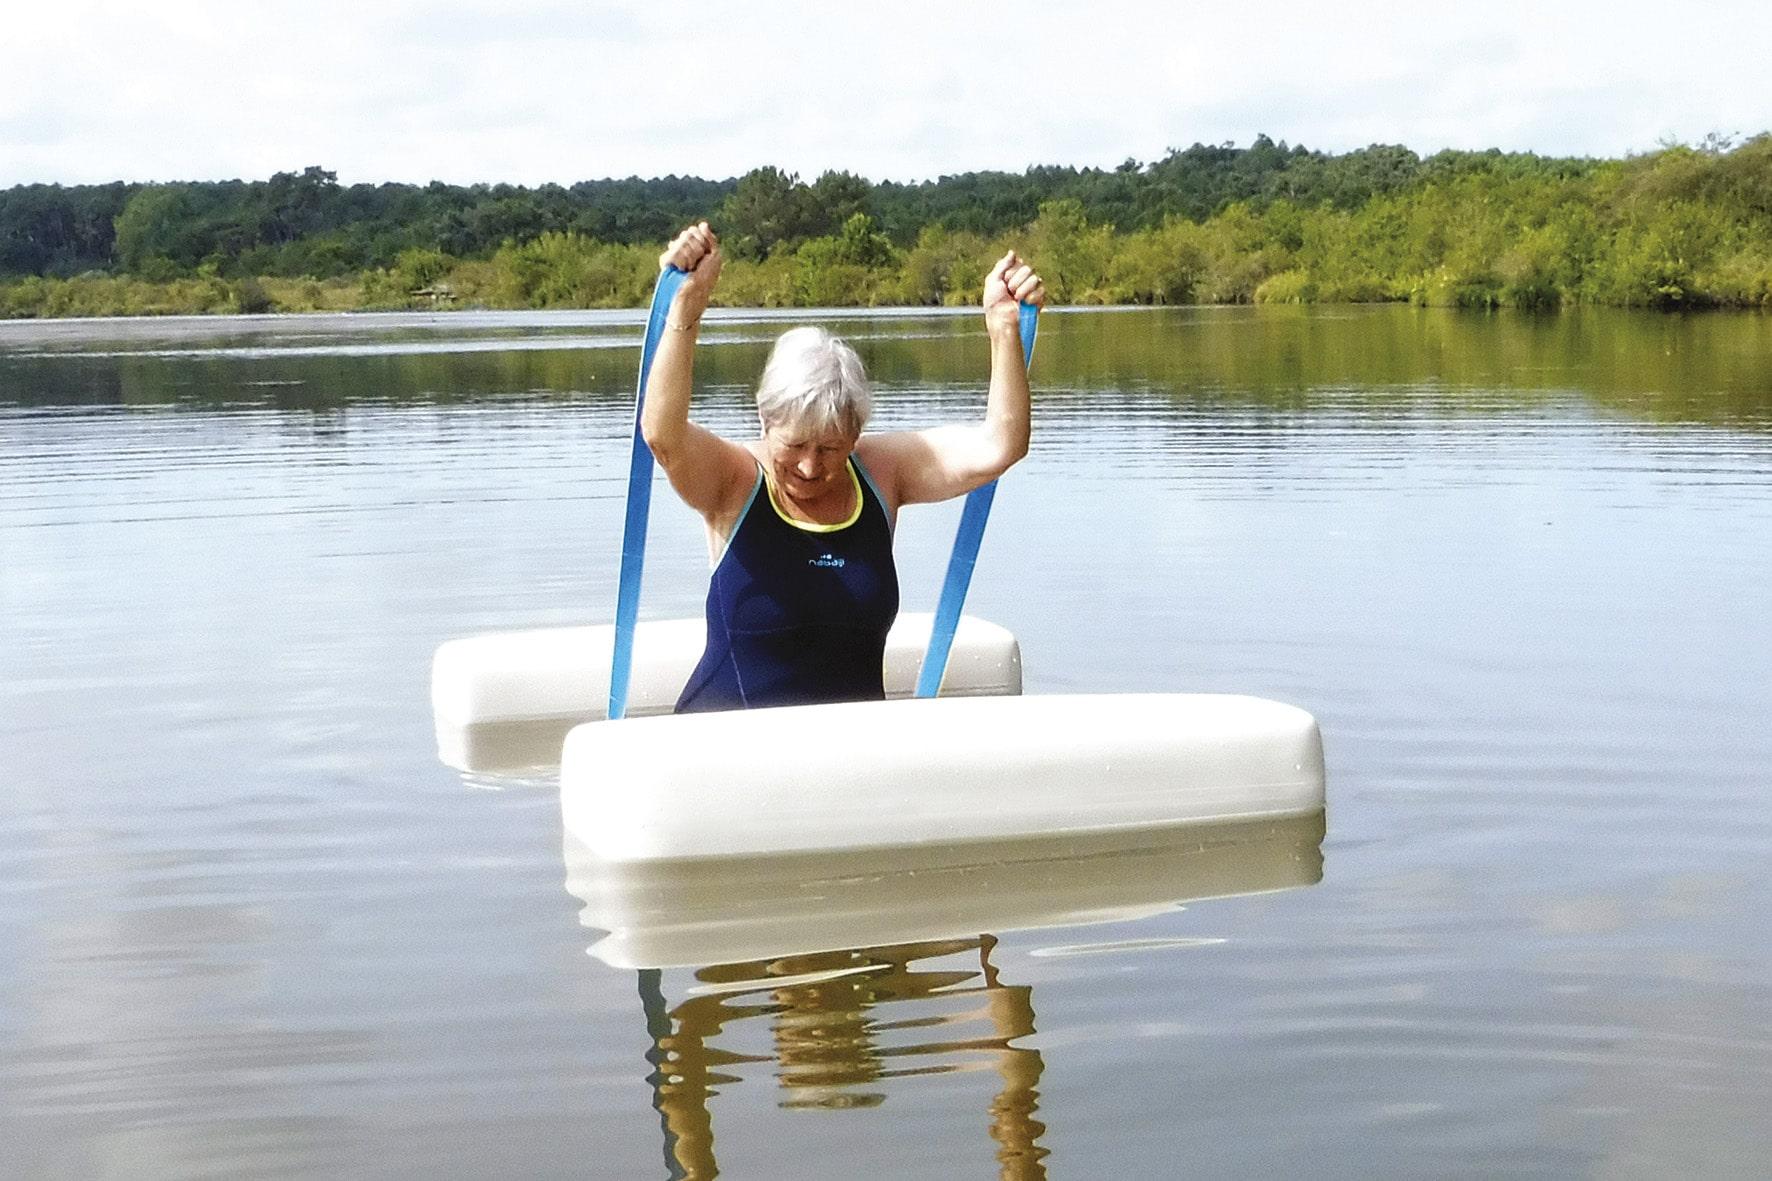 L'appareil de sport insubmersible